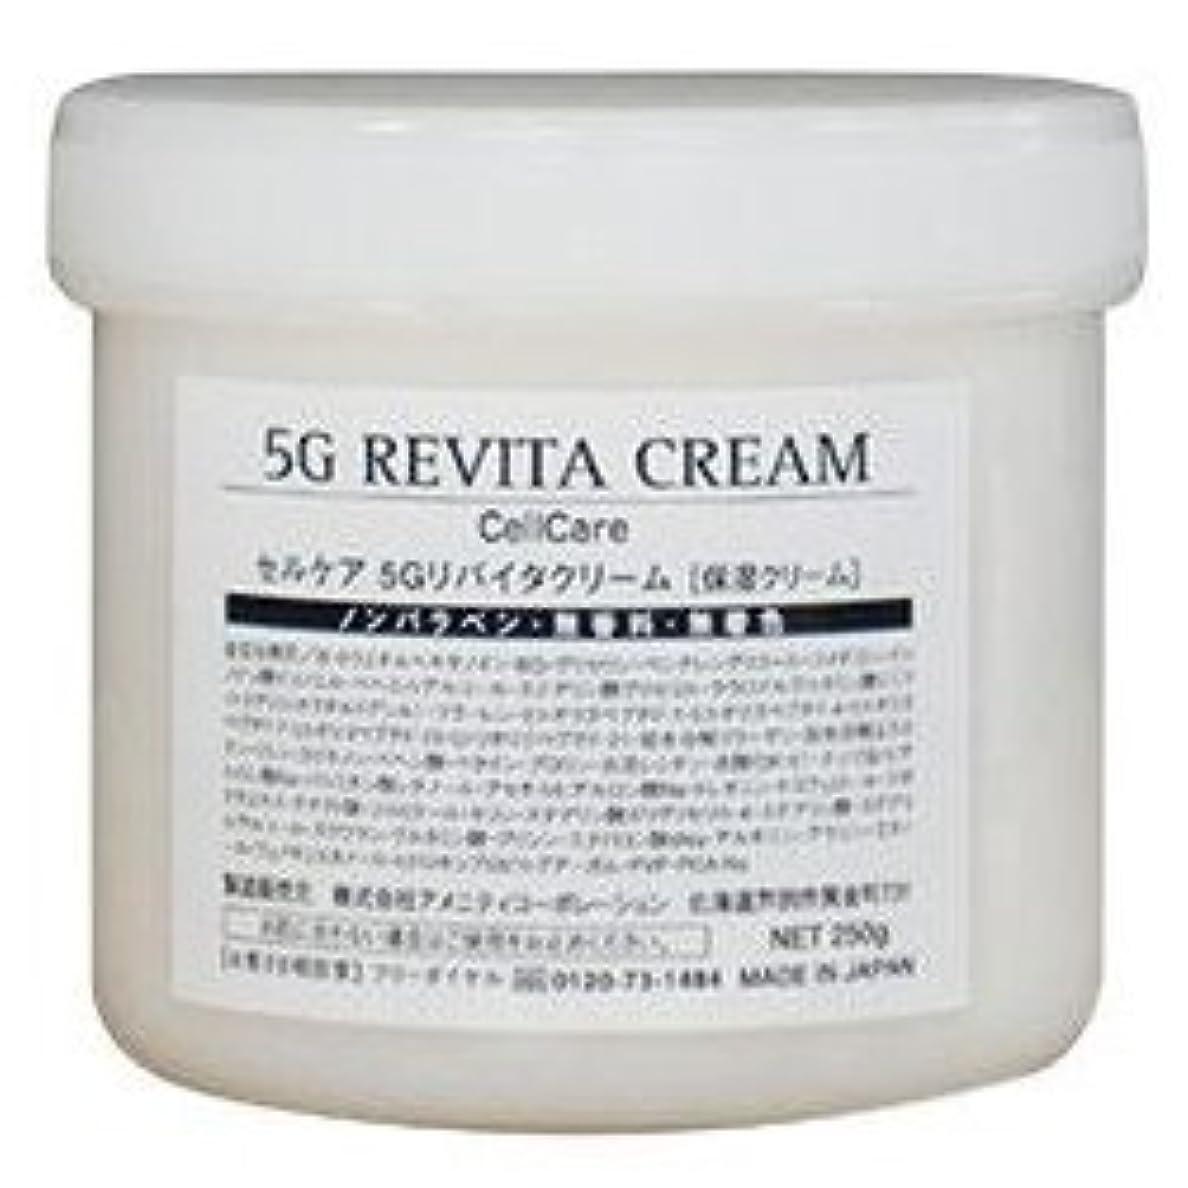 看板大聖堂秘密のセルケアGF プレミアム 5Gリバイタルクリーム 保湿クリーム お徳用250g